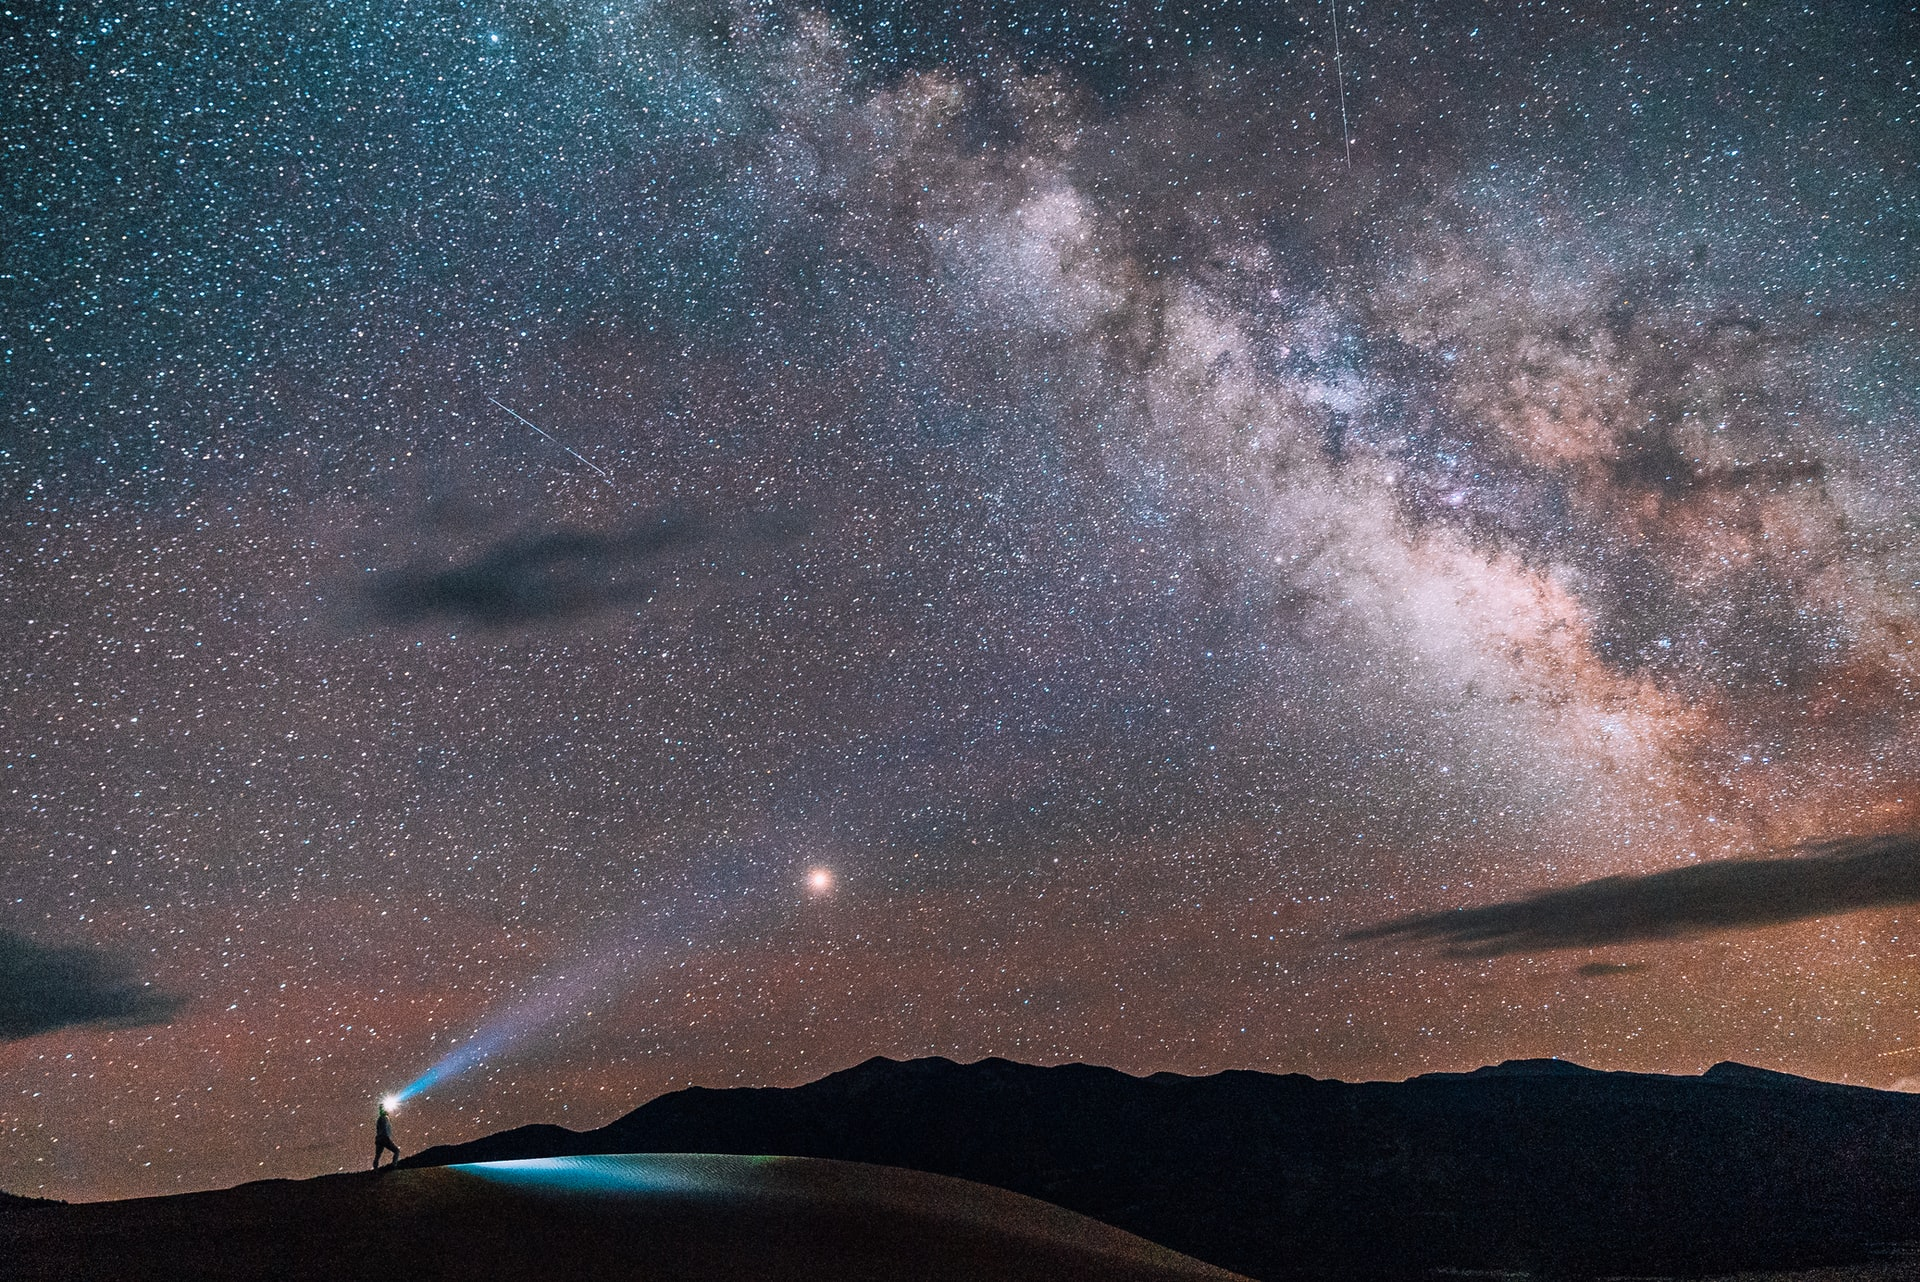 espace univers physique quantique galaxie trou noir comprendre science conférence paris